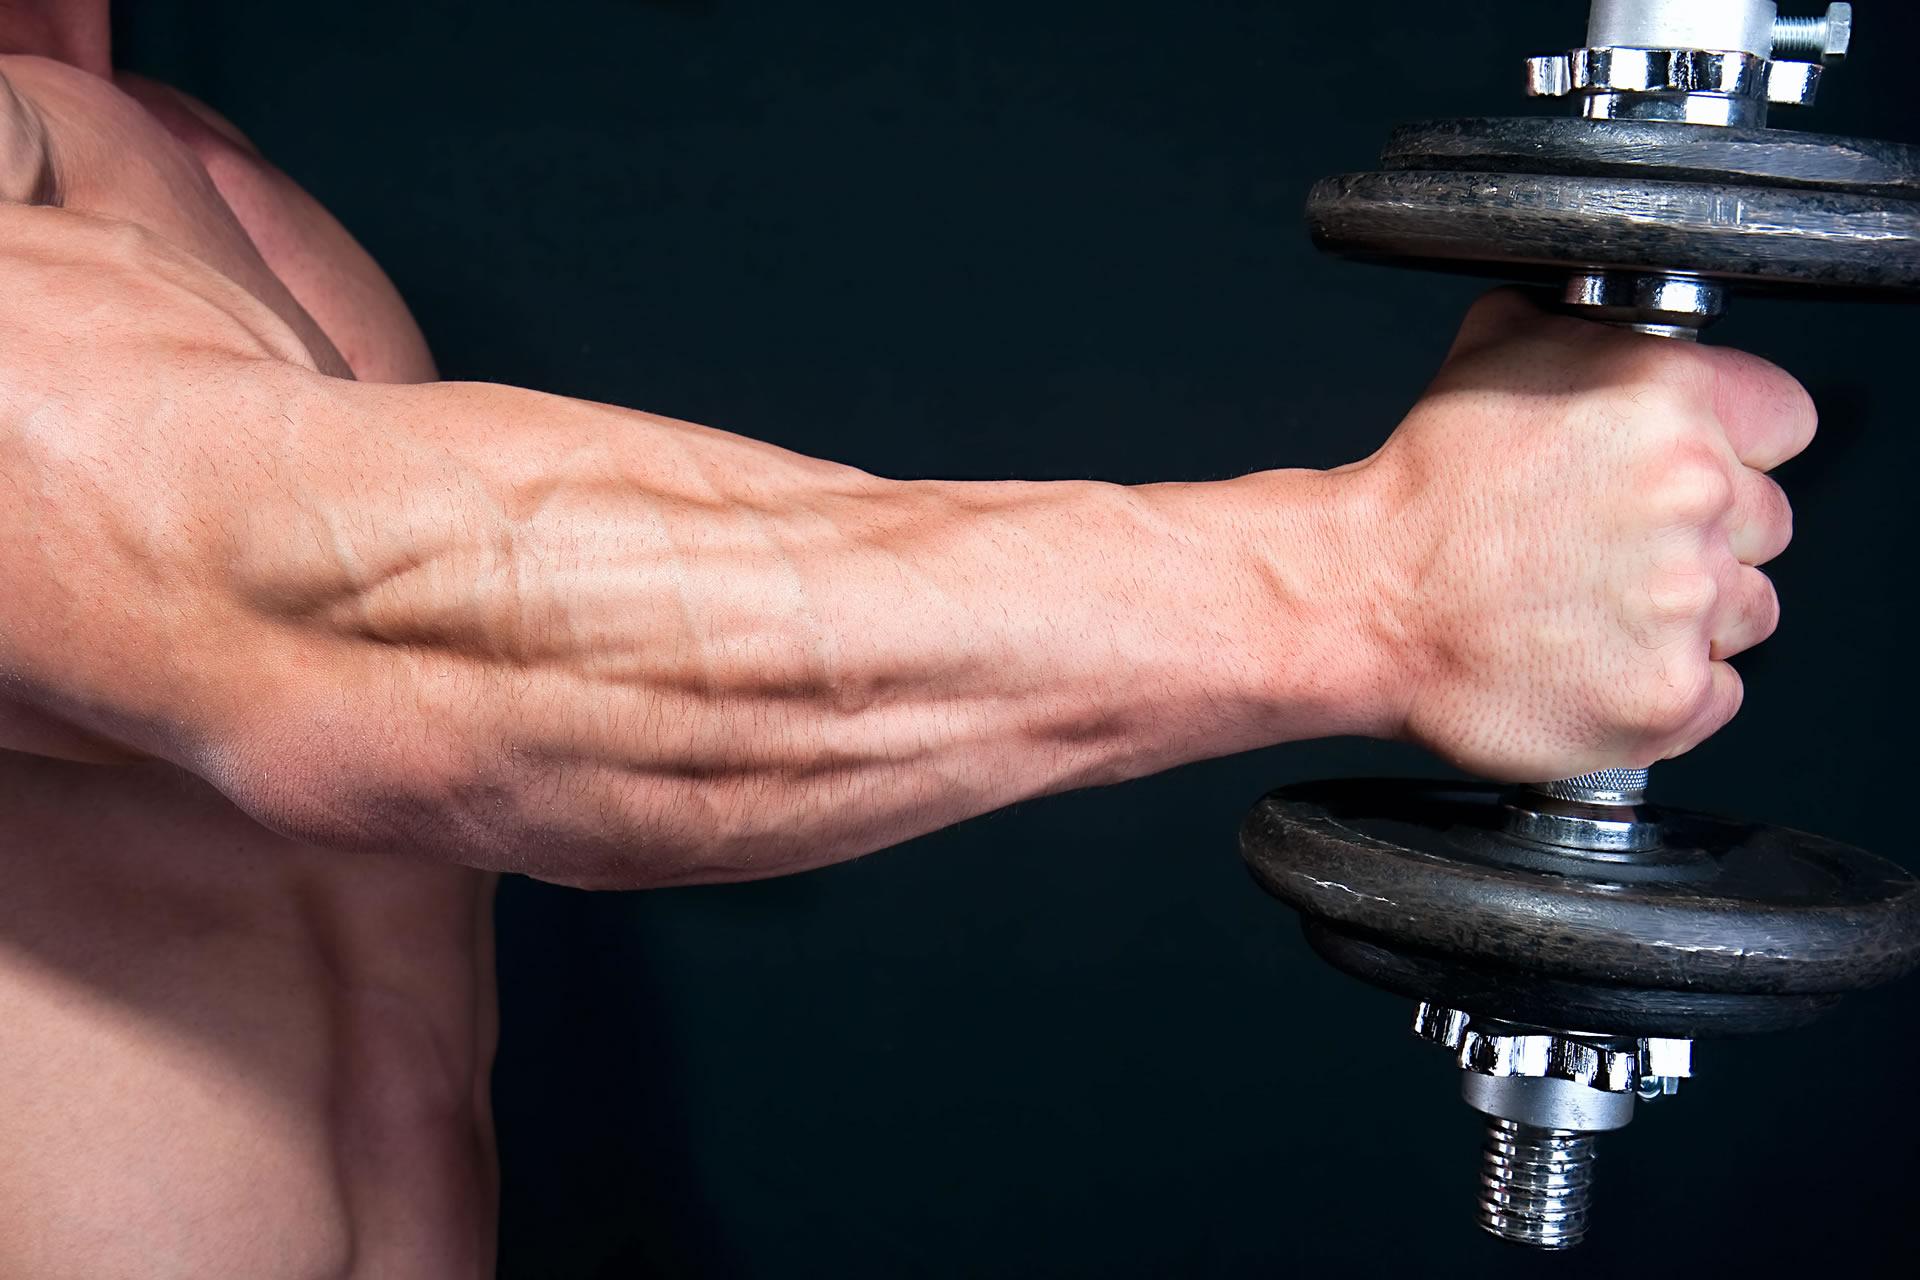 Anatomía | Músculos del Brazo y Antebrazo